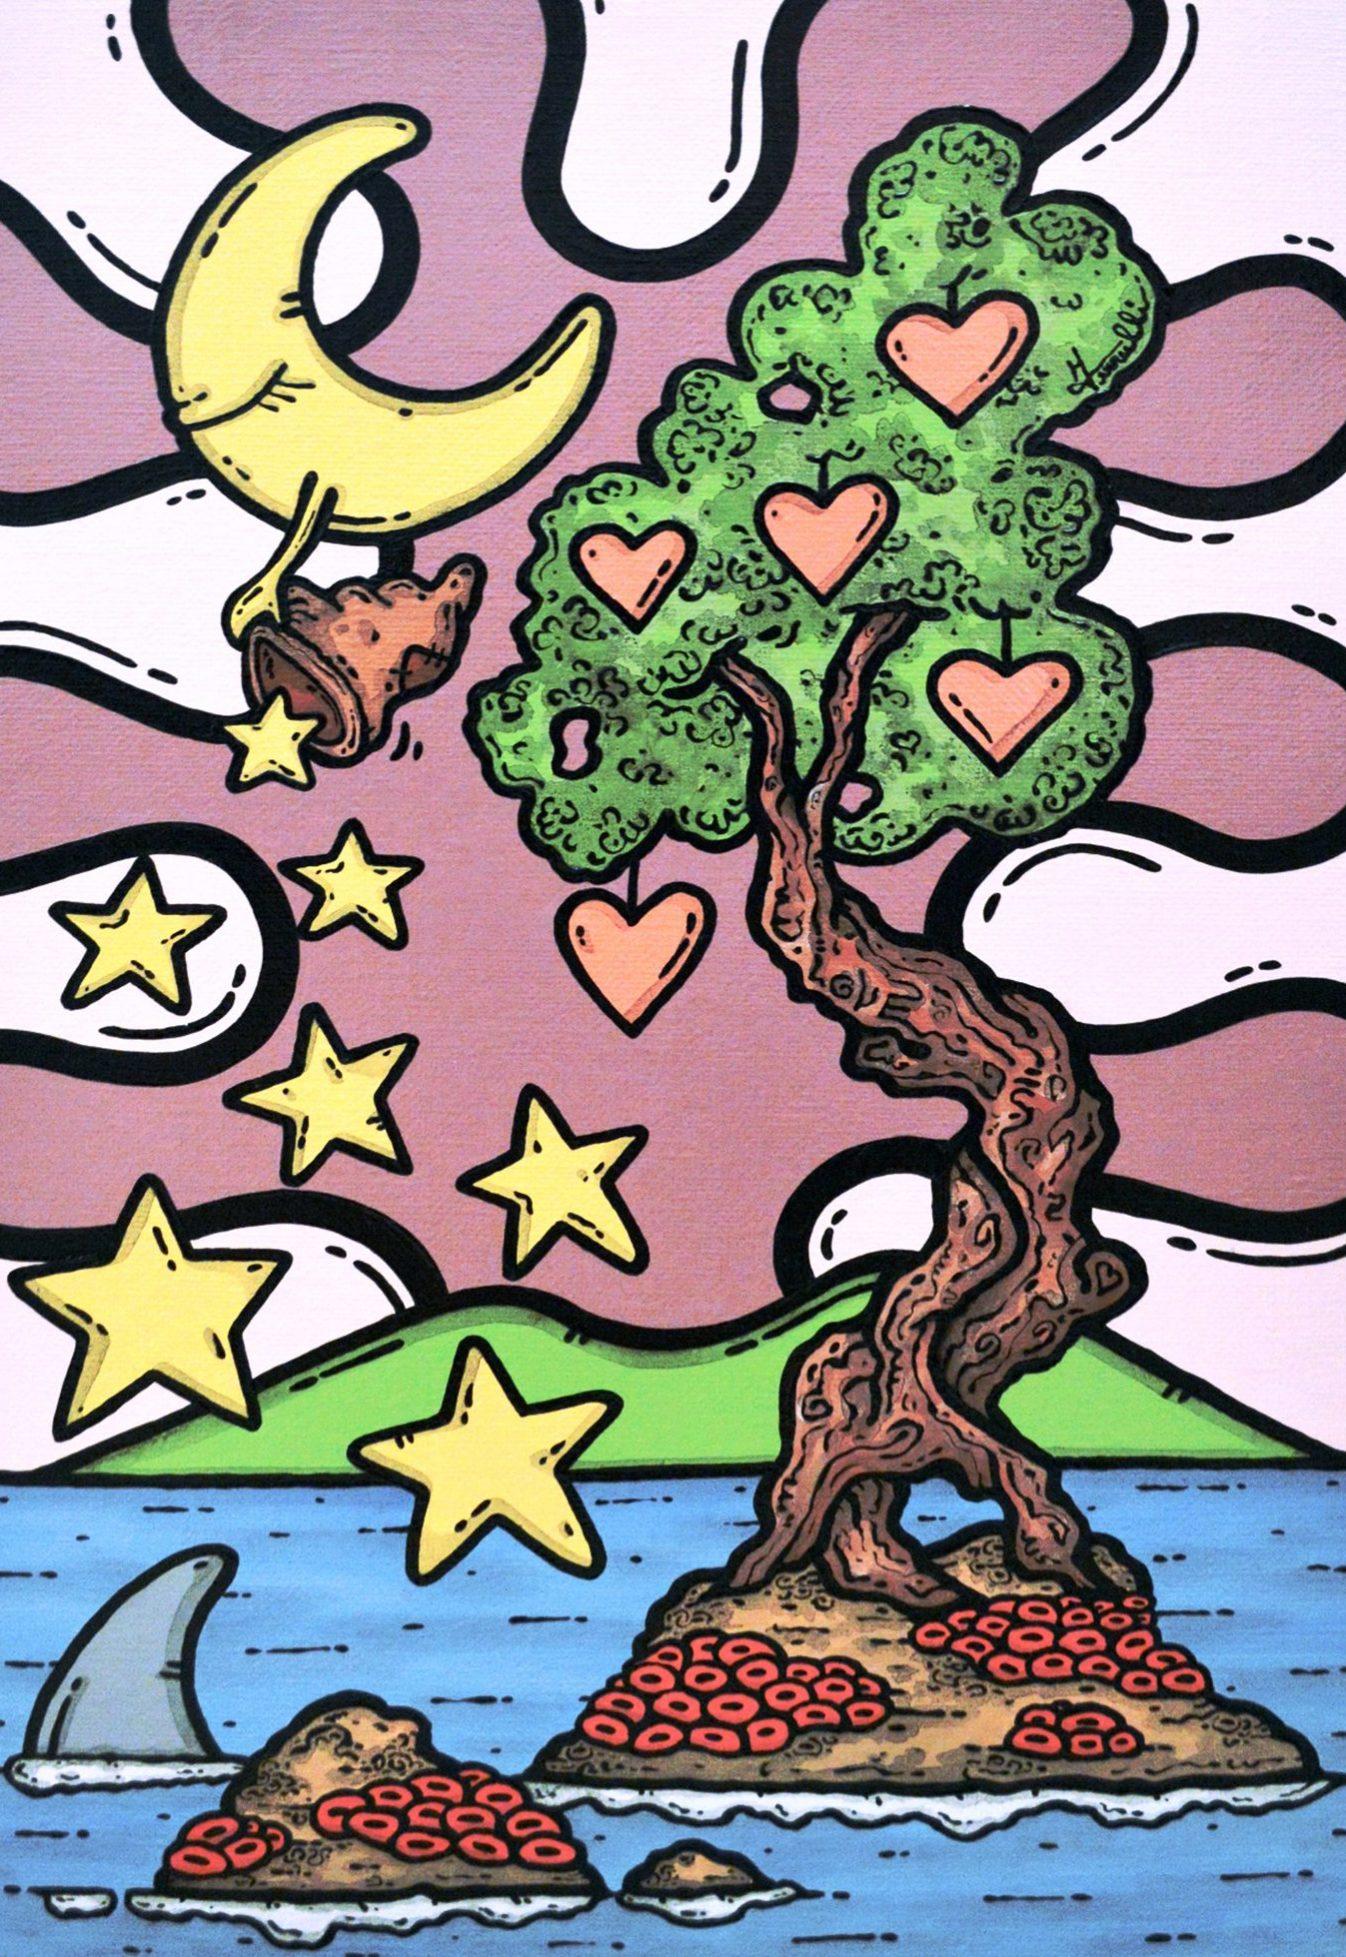 opera d'arte, contornismo metafisico, francesco ferrulli, pittore pugliese, artista italiano, arte contemporanea, dipinto, olio su tela, paesaggi pugliesi, puglia, quadro colorato, oil on canvas, art, painter, quadri, stelle, luna, seminando sogni, ulivo, cuori, nuvole